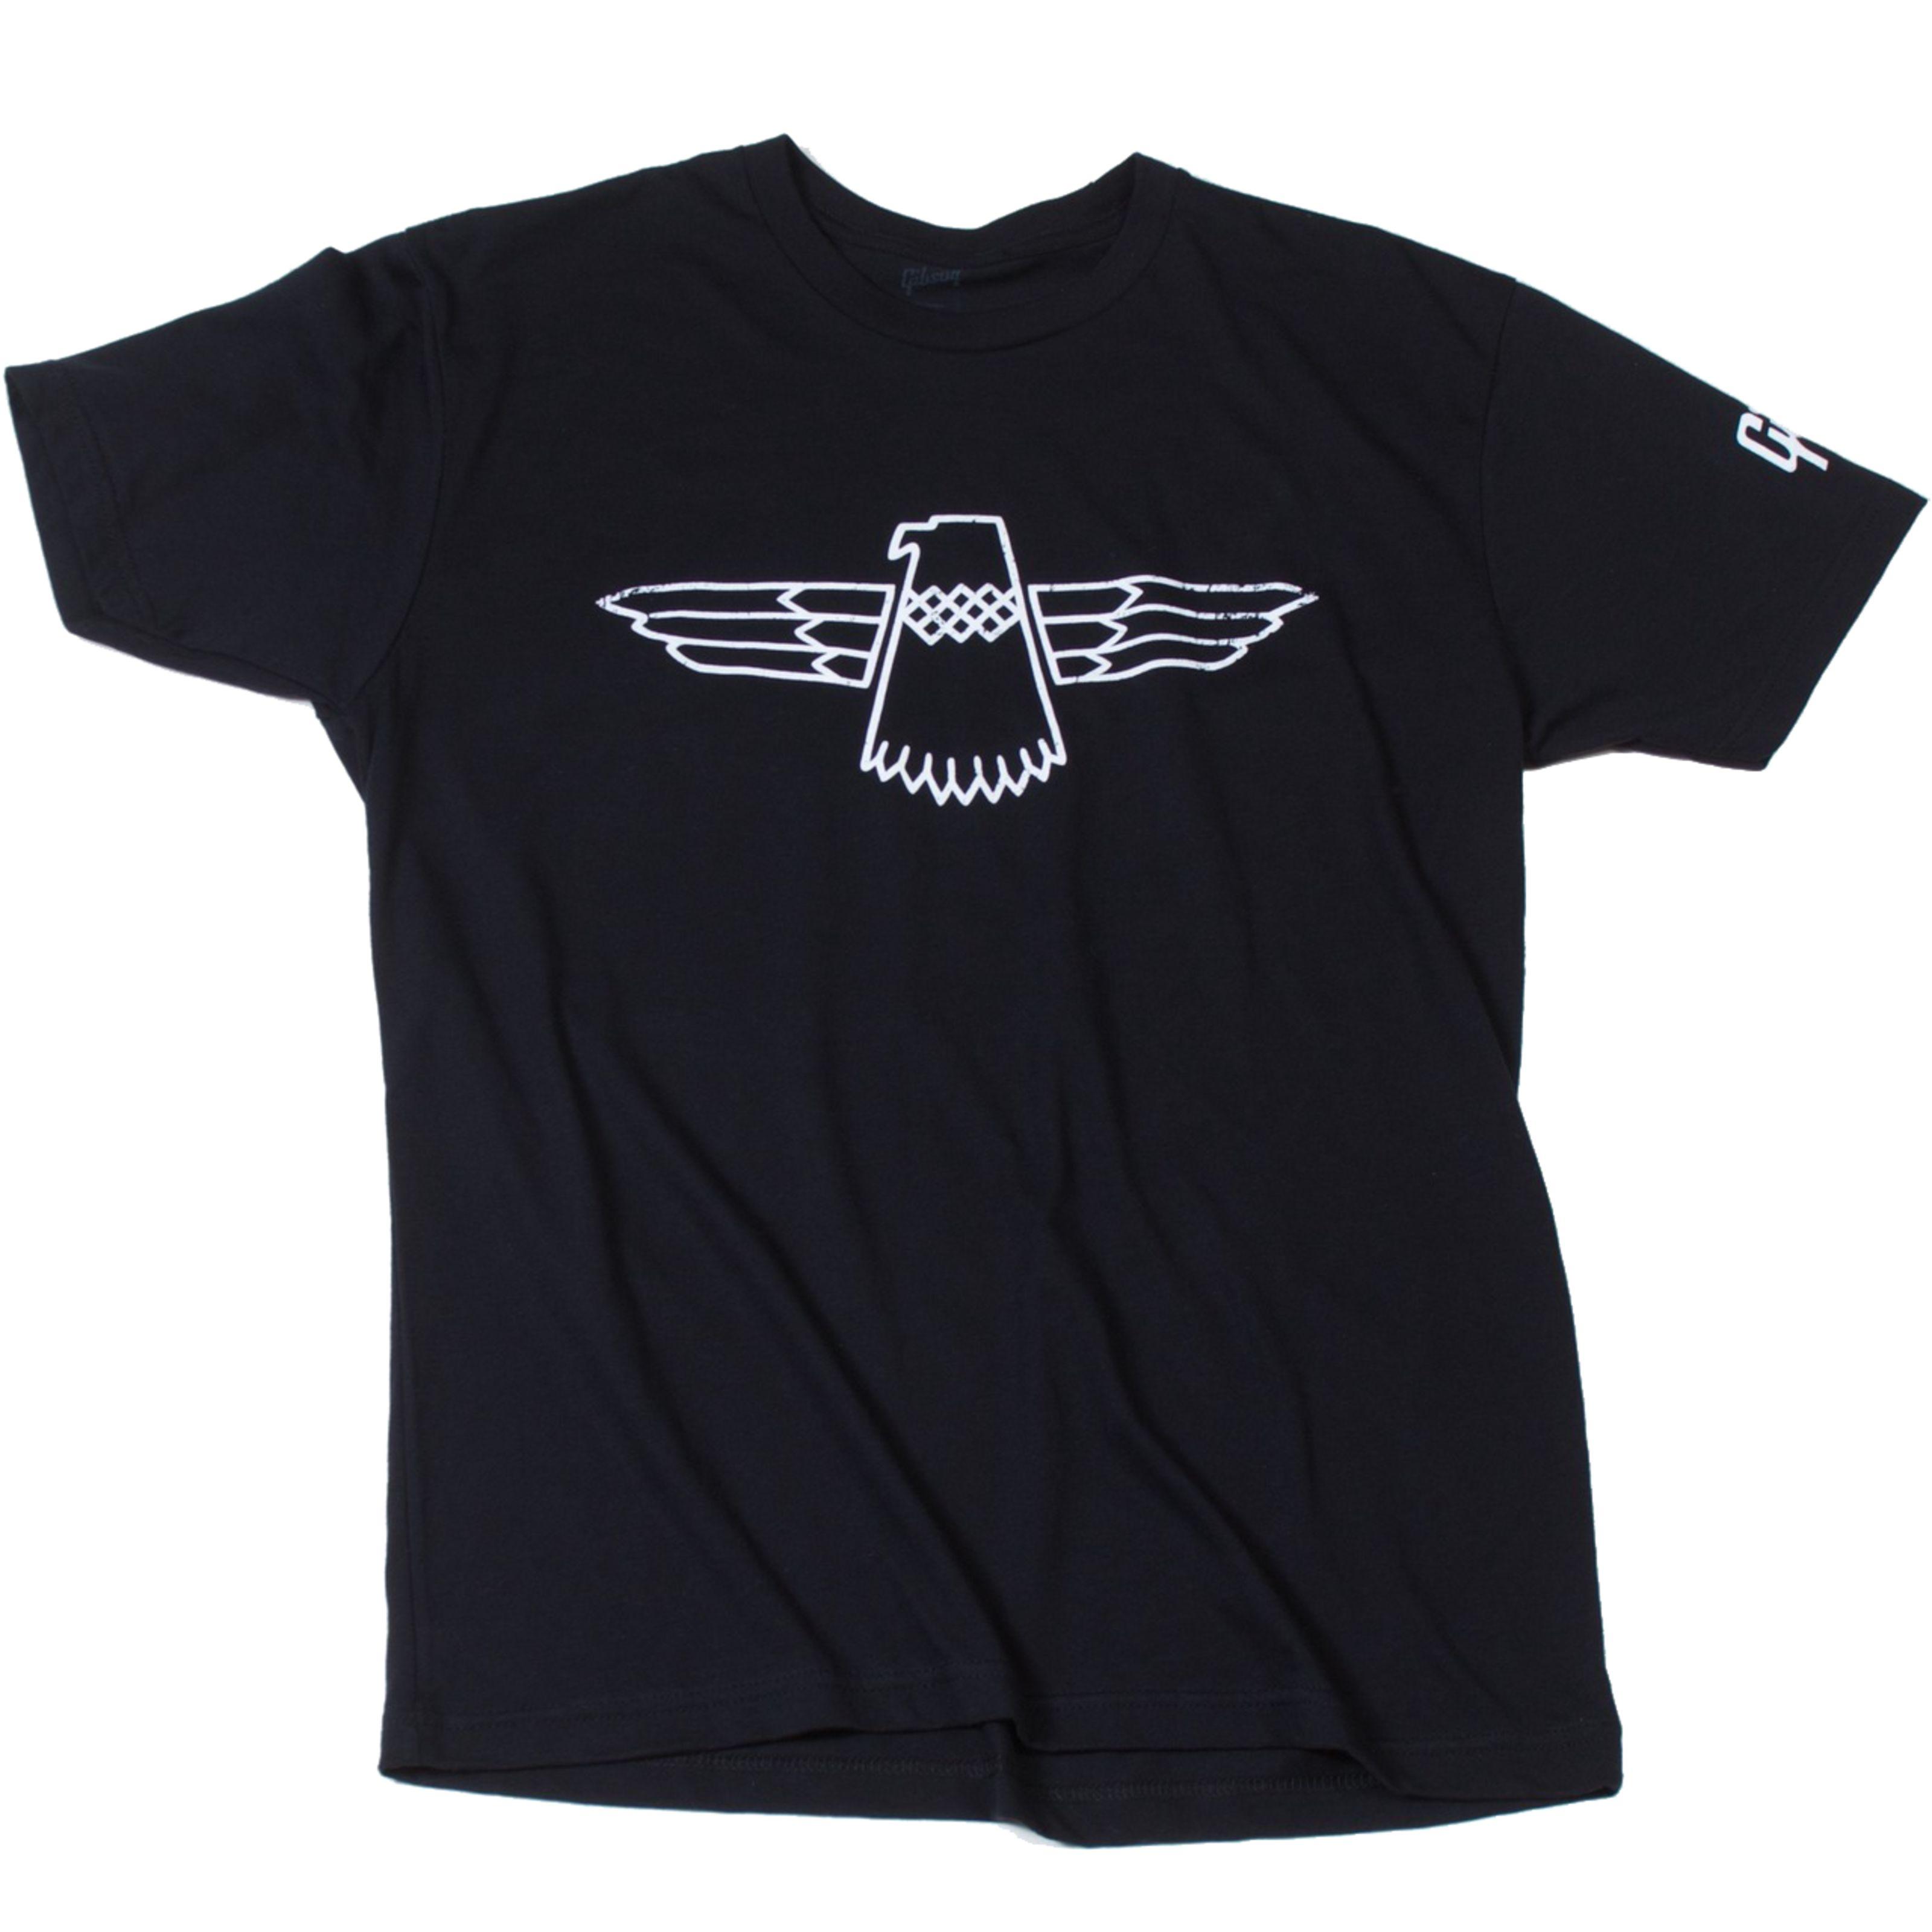 Gibson - Thunderbird T-Shirt L